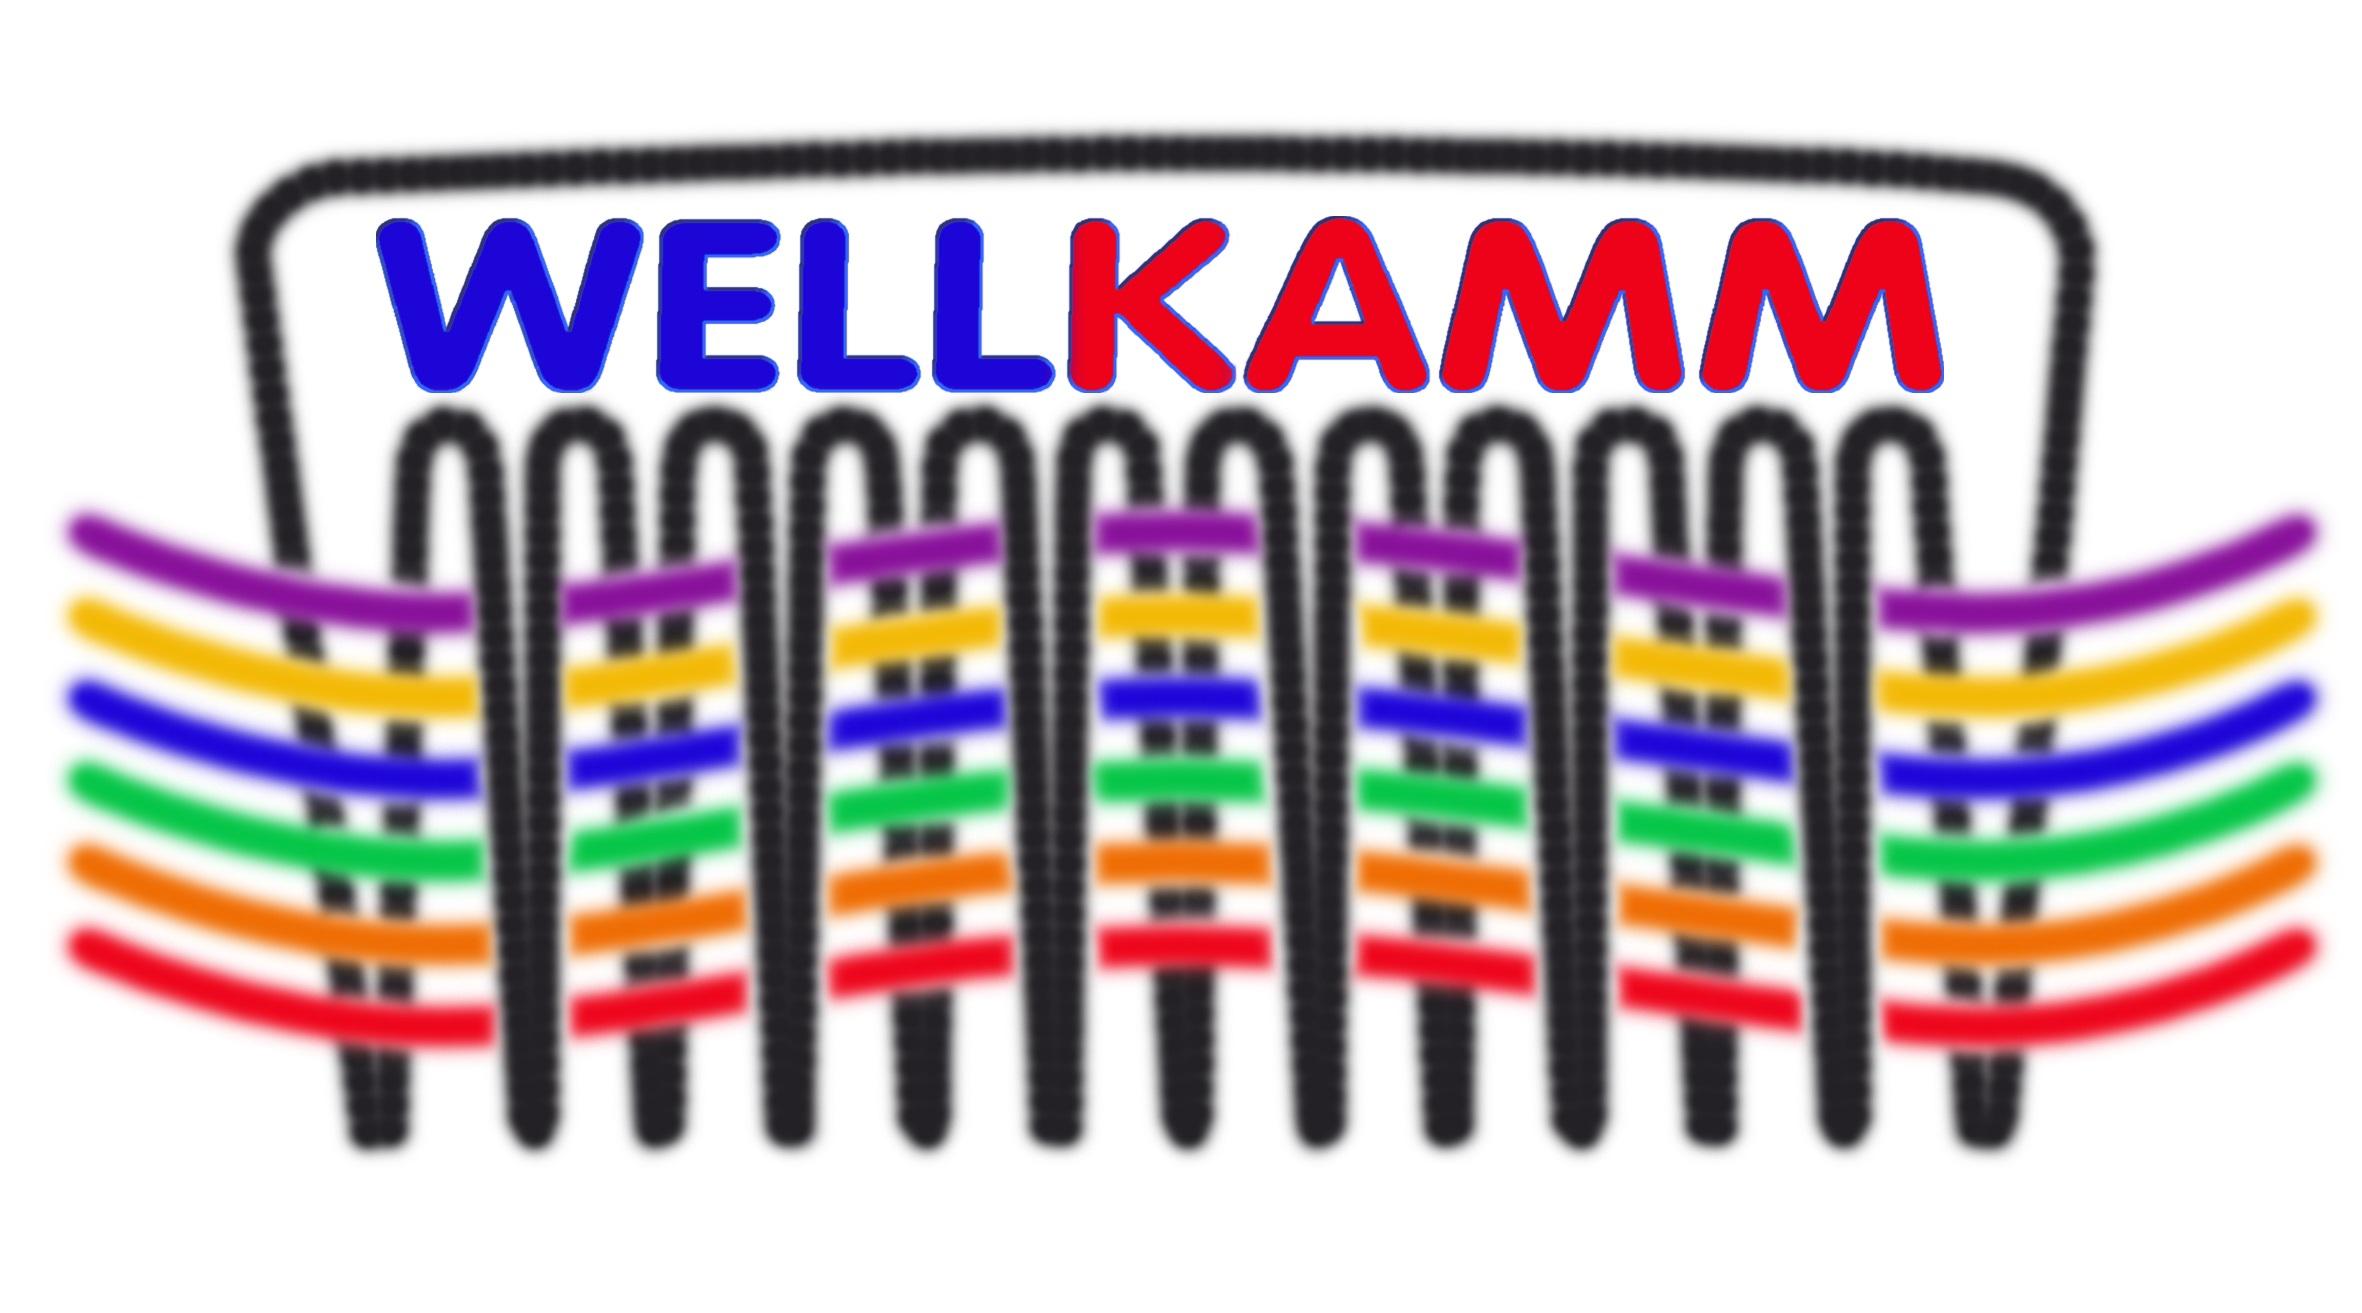 wellkamm Perücken Düsseldorf Logo